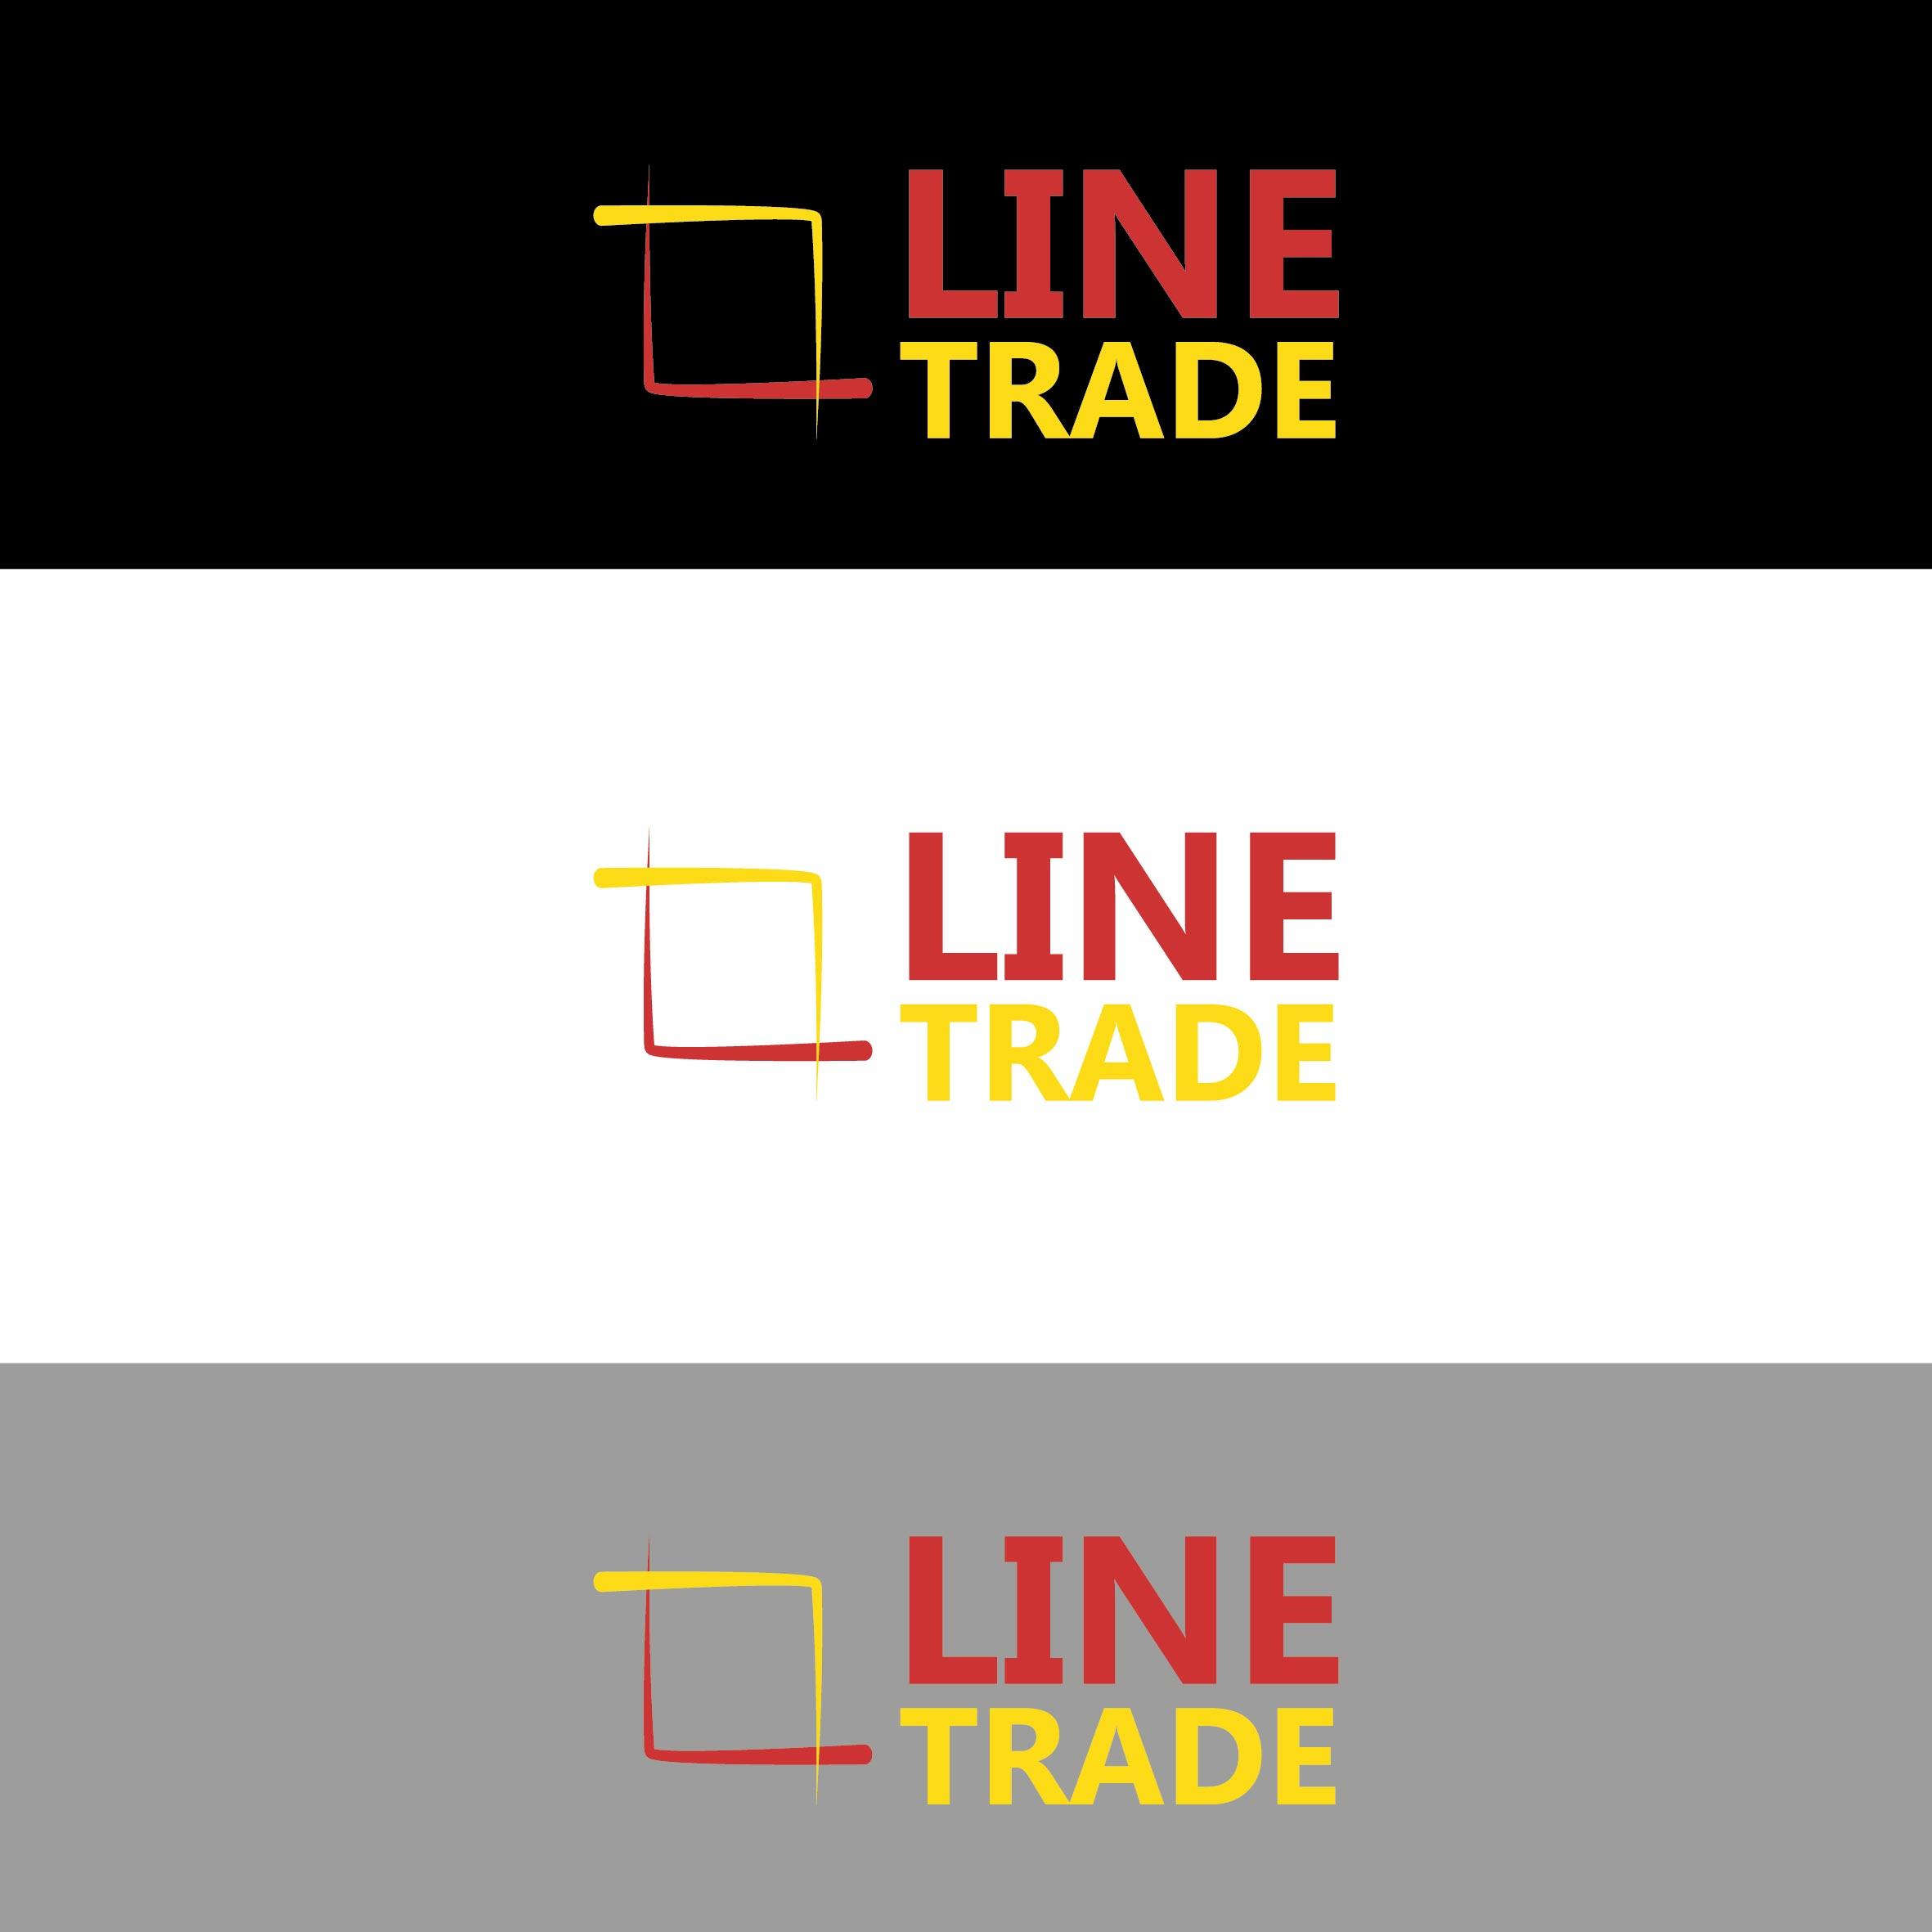 Разработка логотипа компании Line Trade фото f_00350f7ecd6c6837.jpg